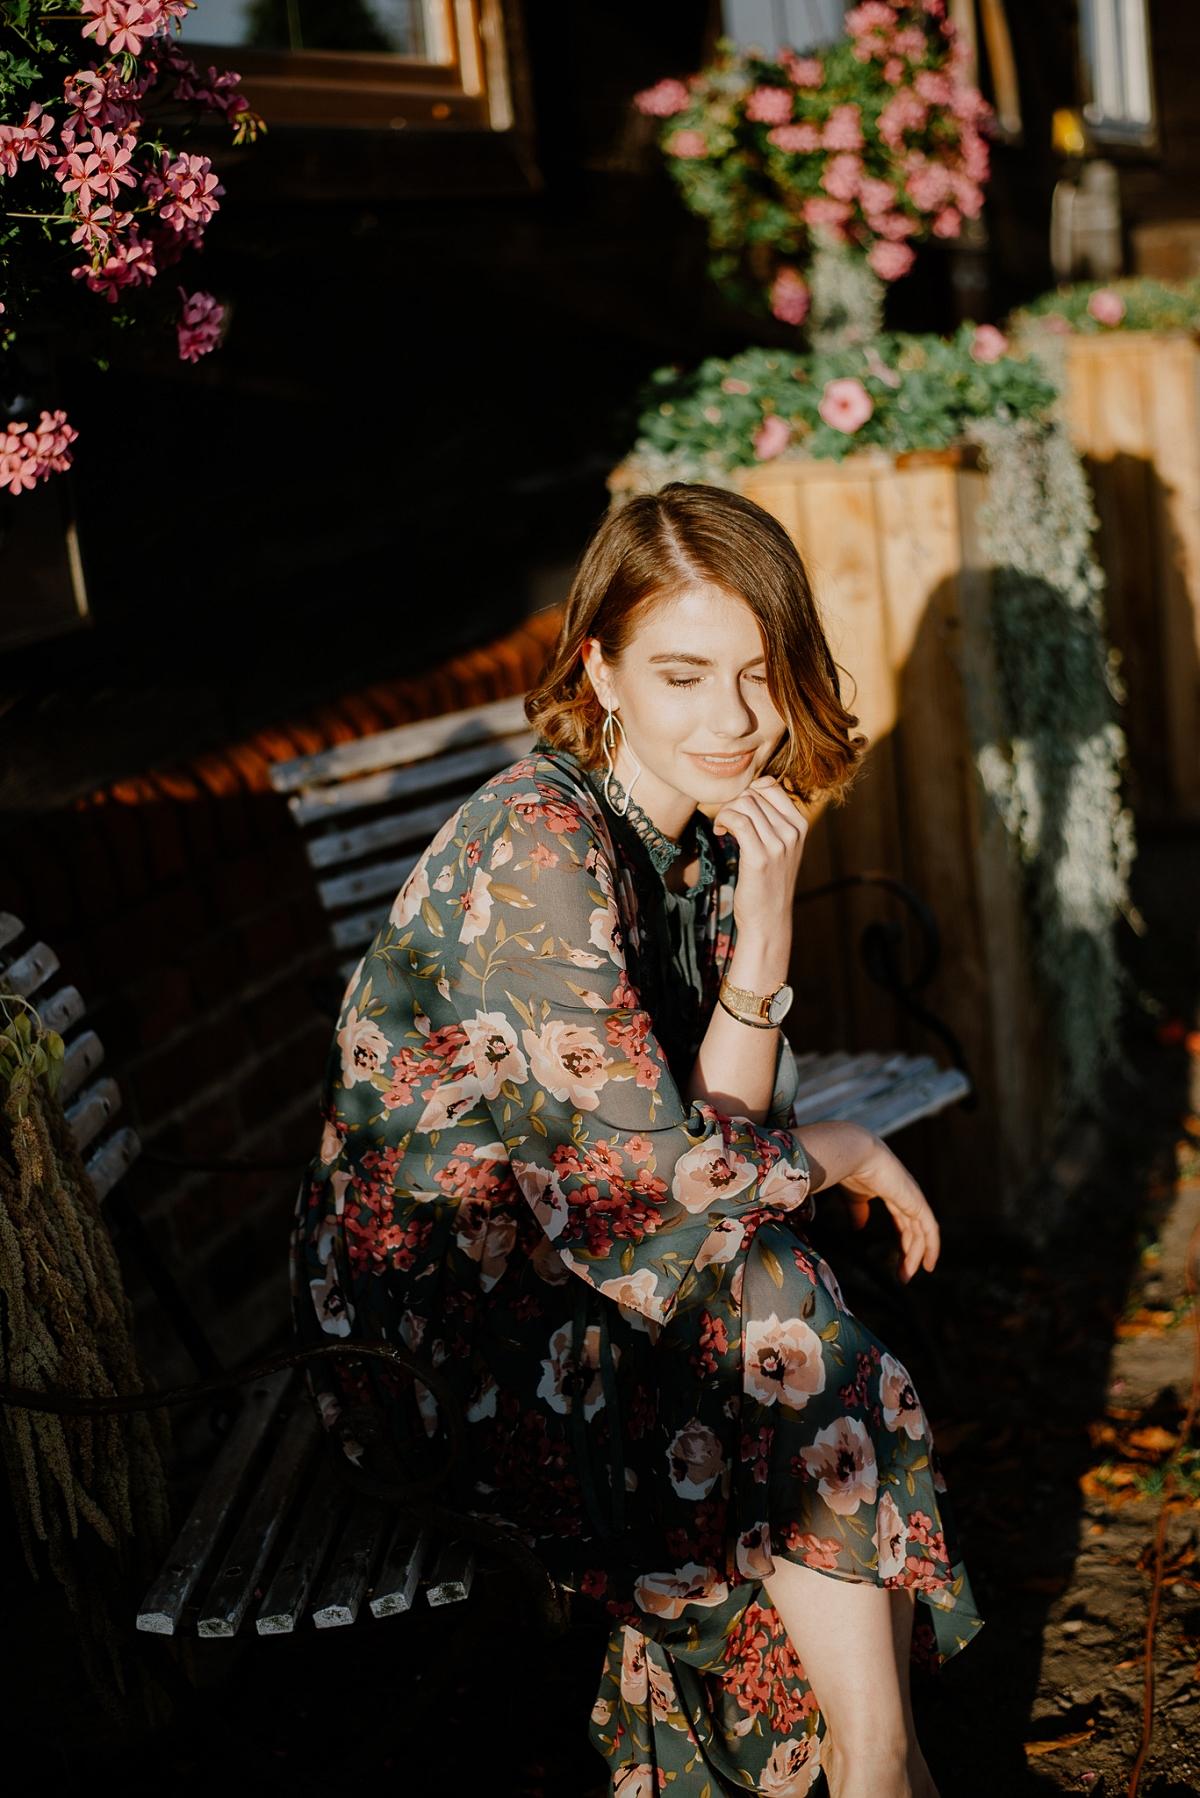 zwiewna sukienka jak nosić jesienią sesja wróblewo